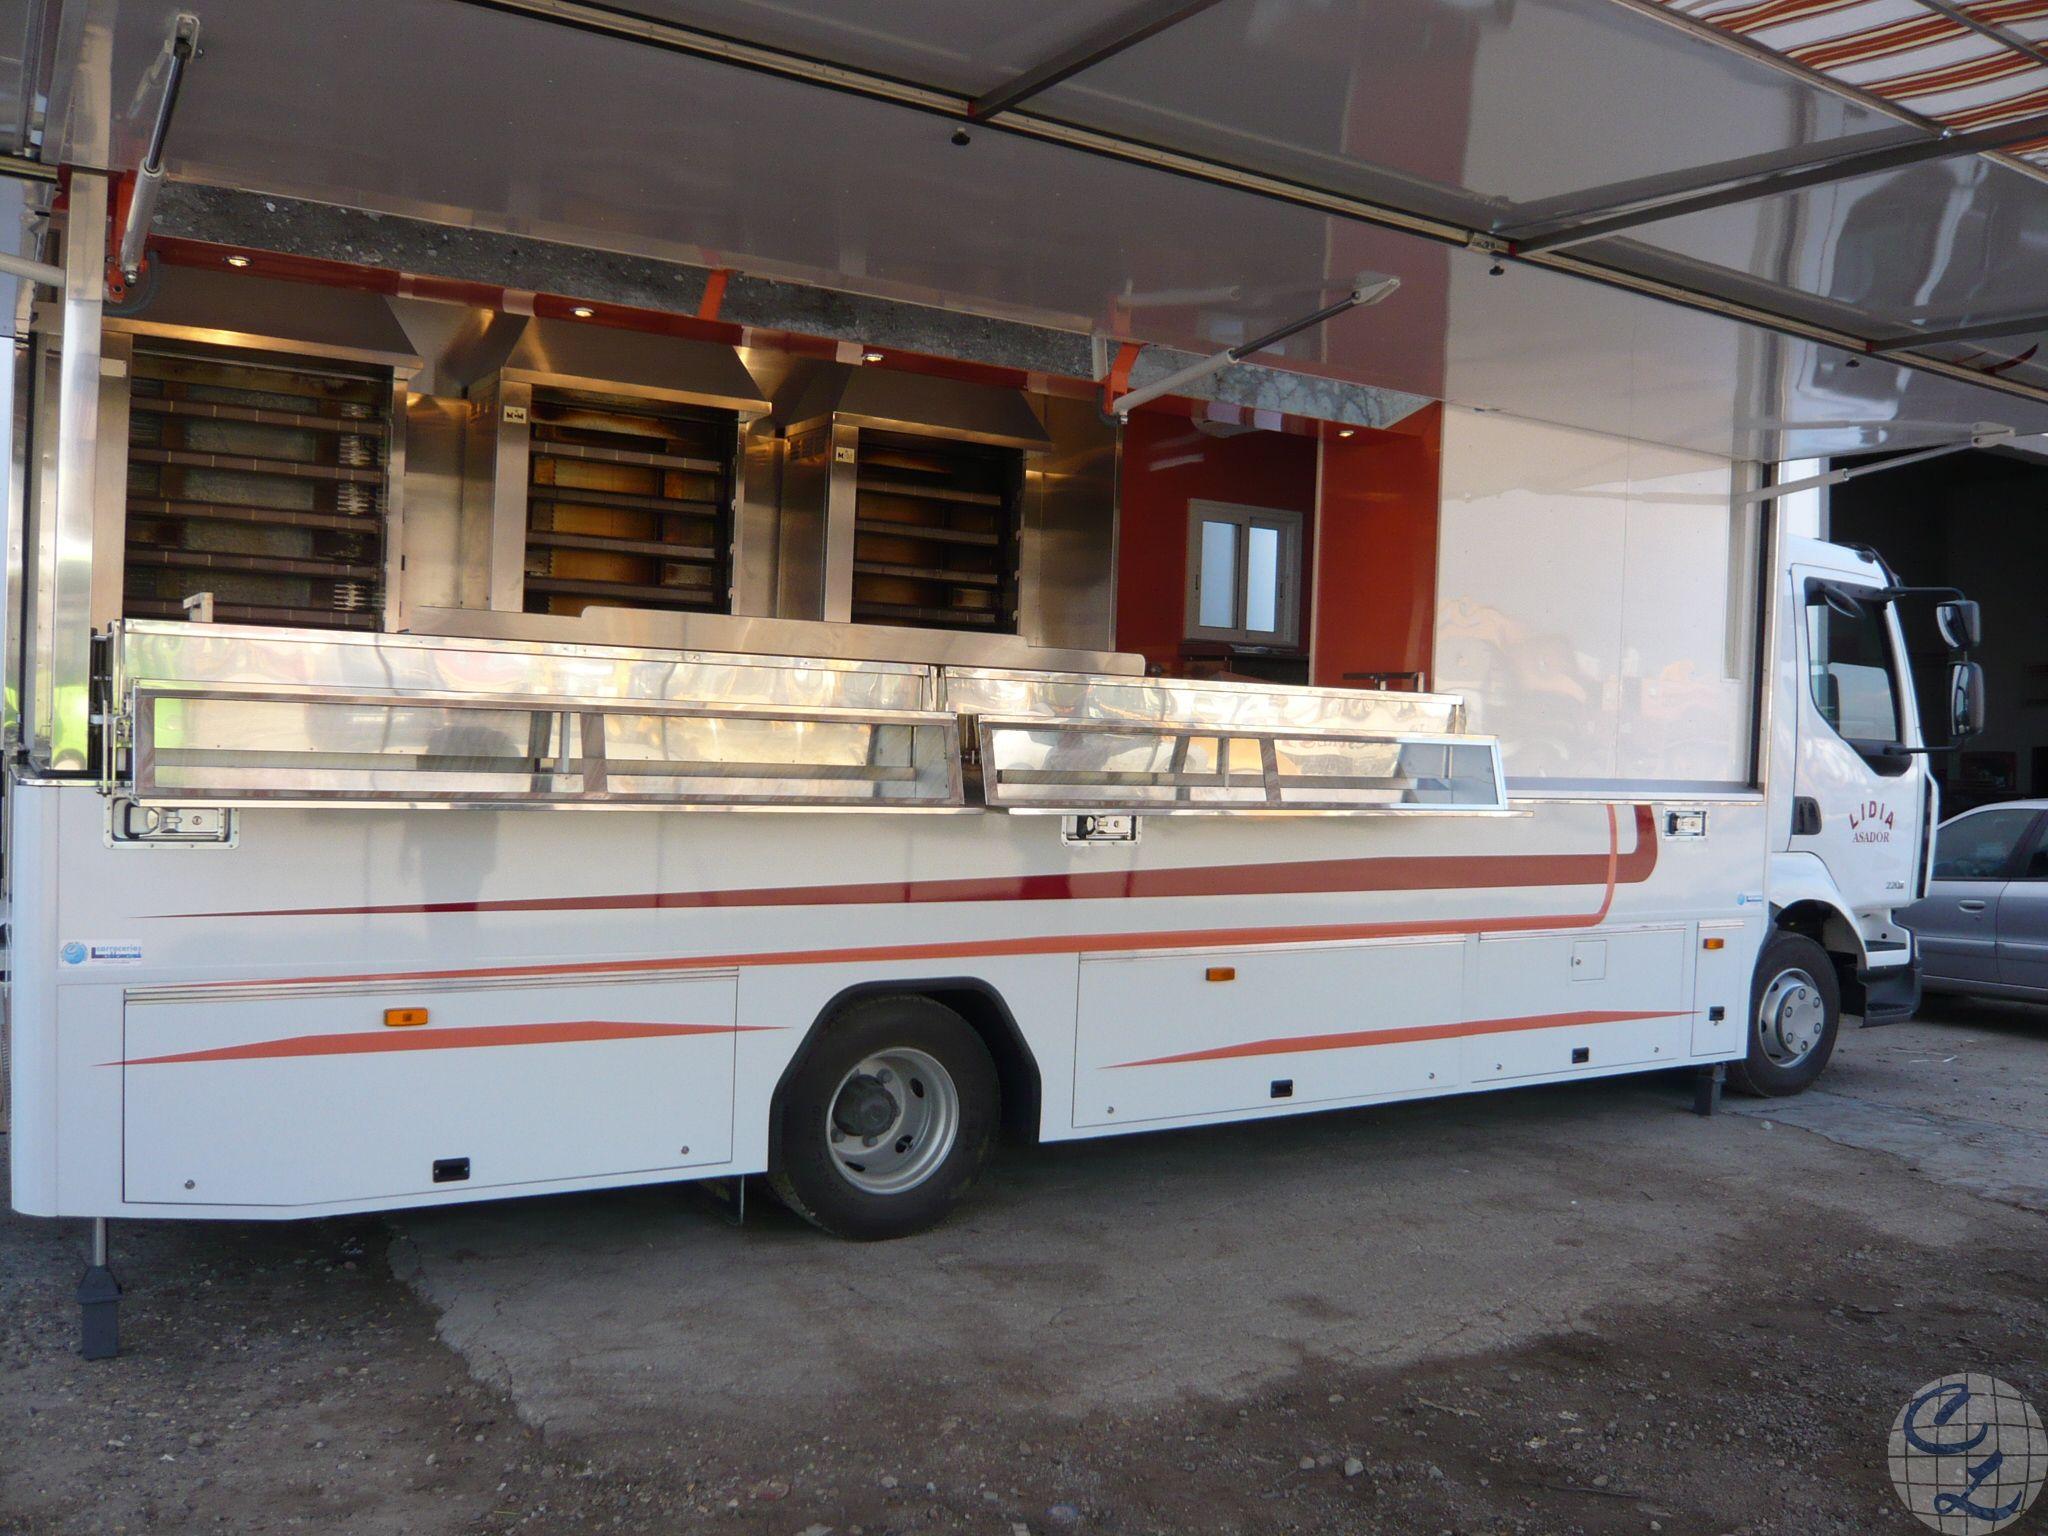 Vehículo asador de pollos - Foodtruck